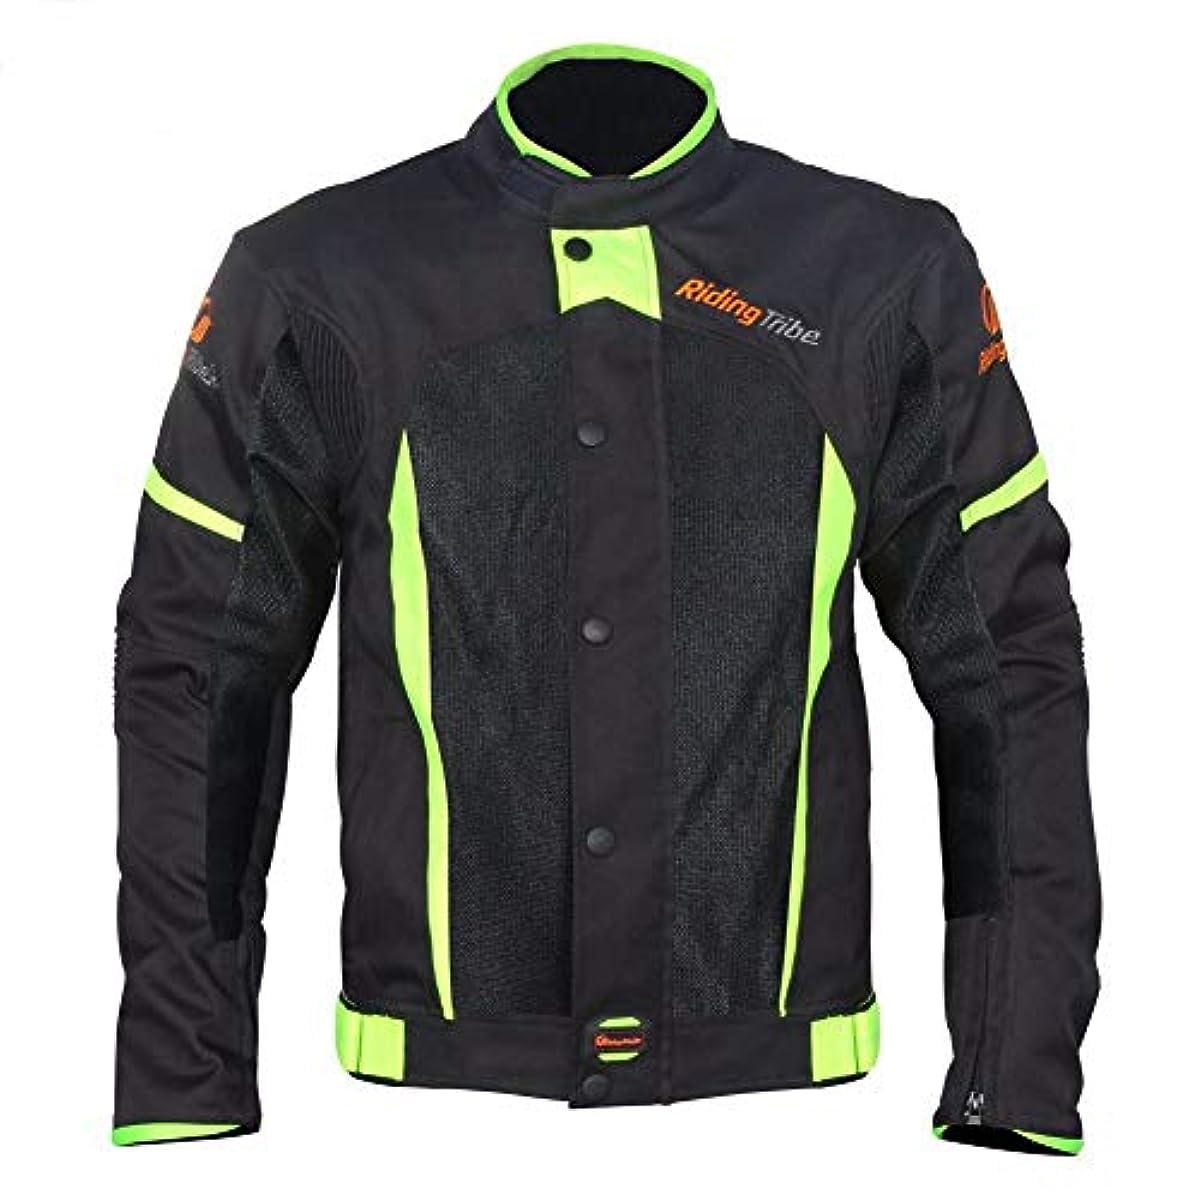 [해외] 레이싱 웨어 FIDGETFIDGET 유니 오토바이 재킷 5개의 패드 부착 여름의 방수 오토바이 사이클링 슈트 라이더 레이싱복 anti크래쉬 오토바이 슈트 방수성,방풍성,통기성 5사이즈 선택가 4XL